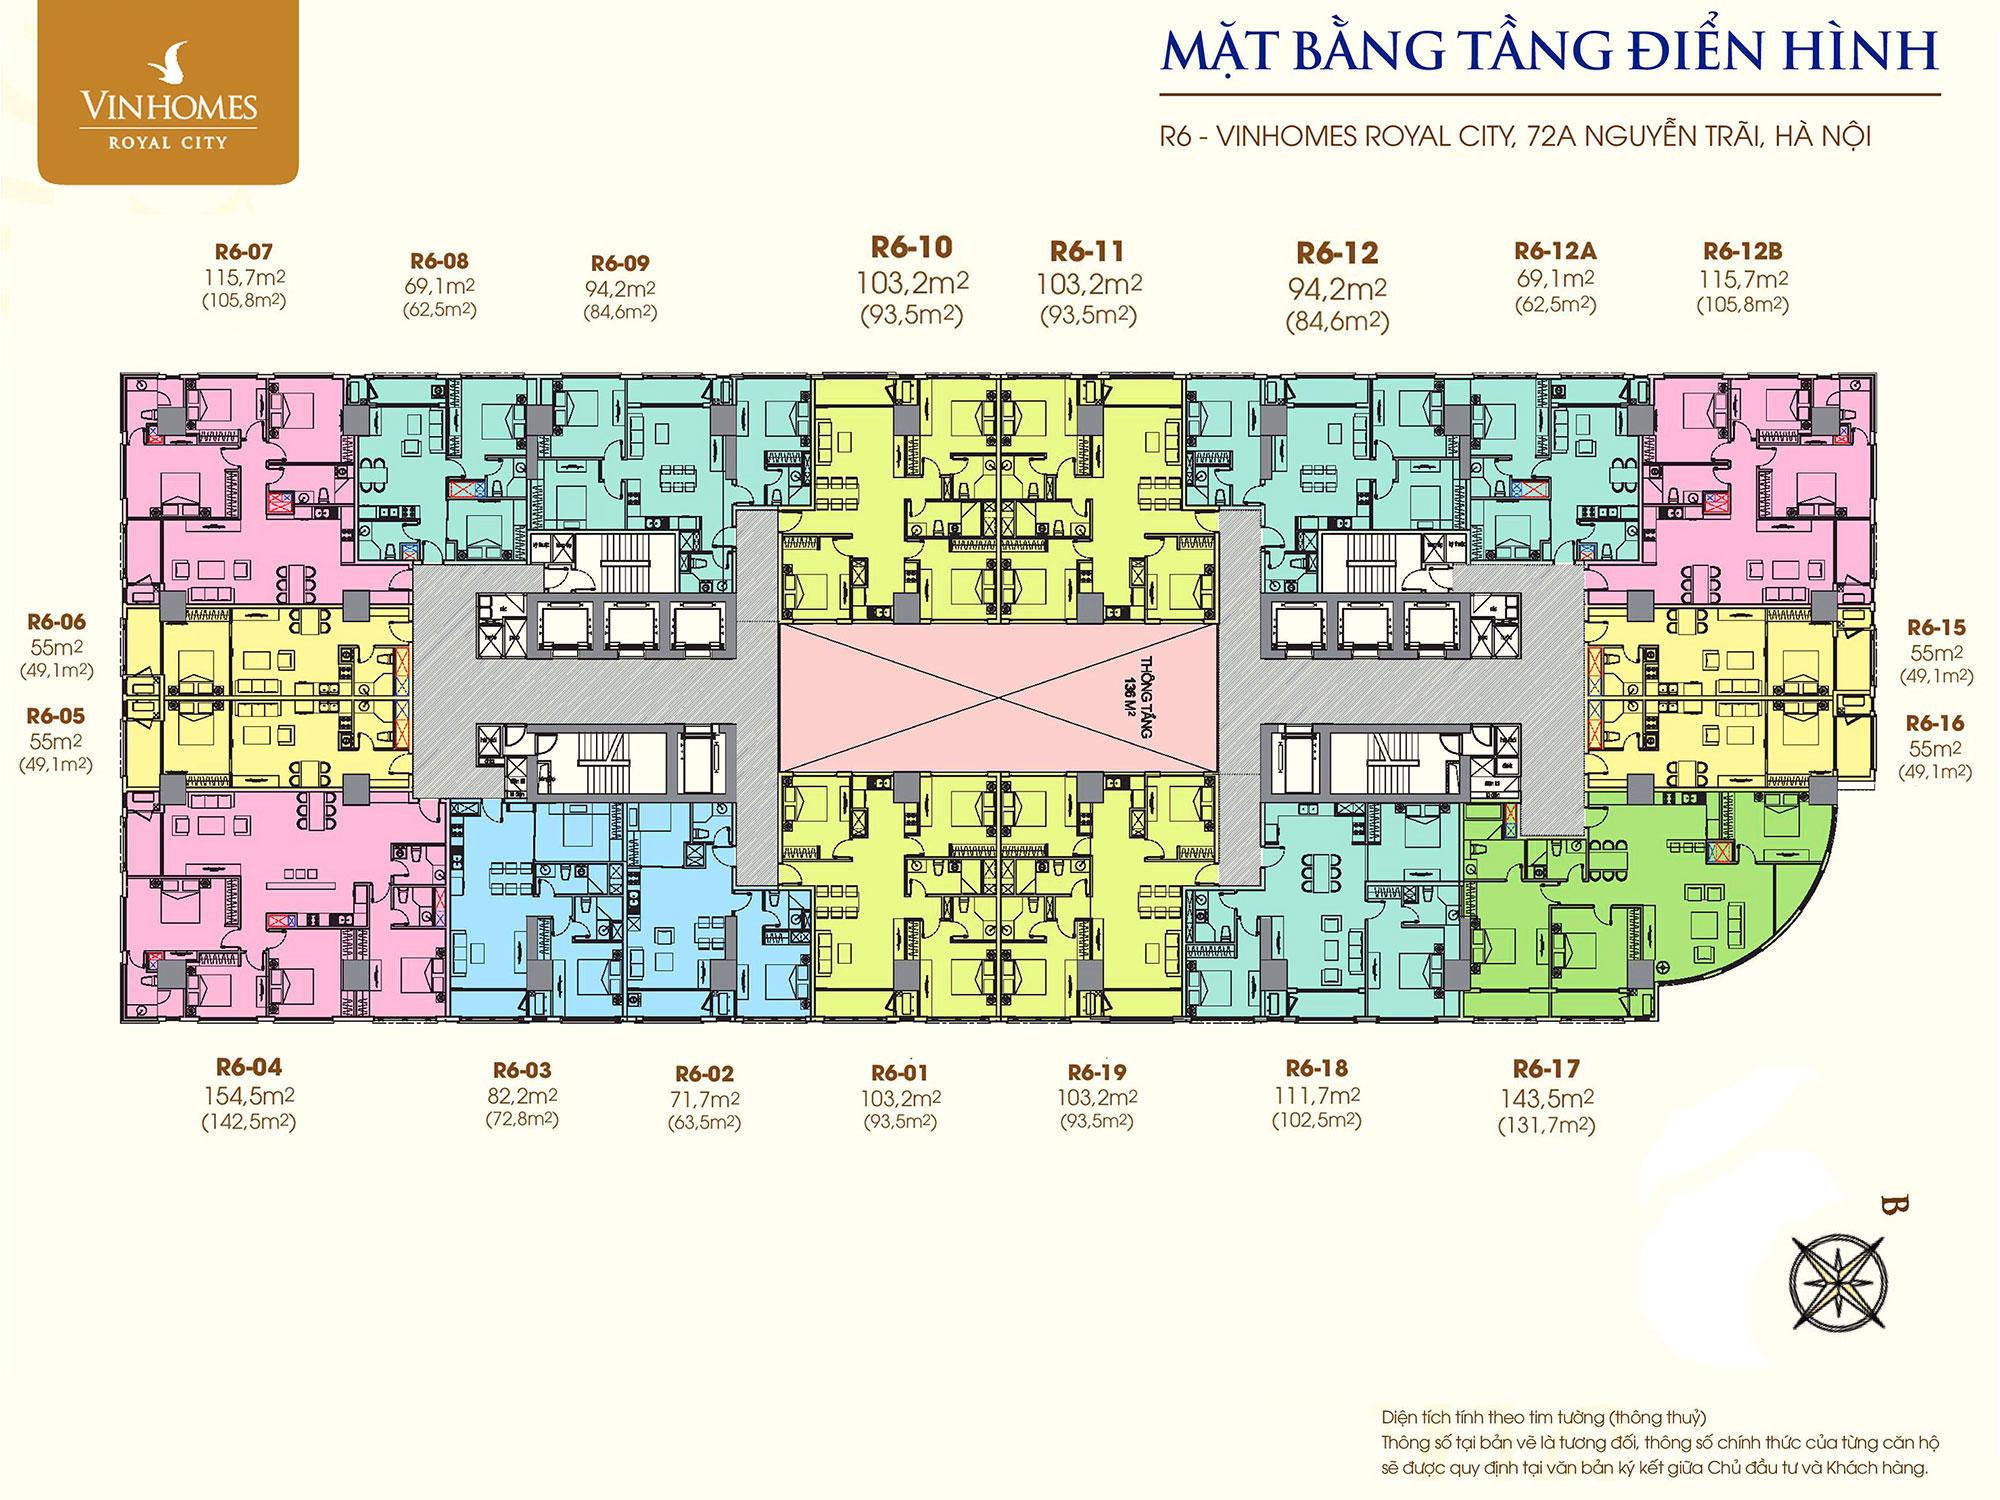 mat-bang-tang-dien-hinh-r6-royal-city